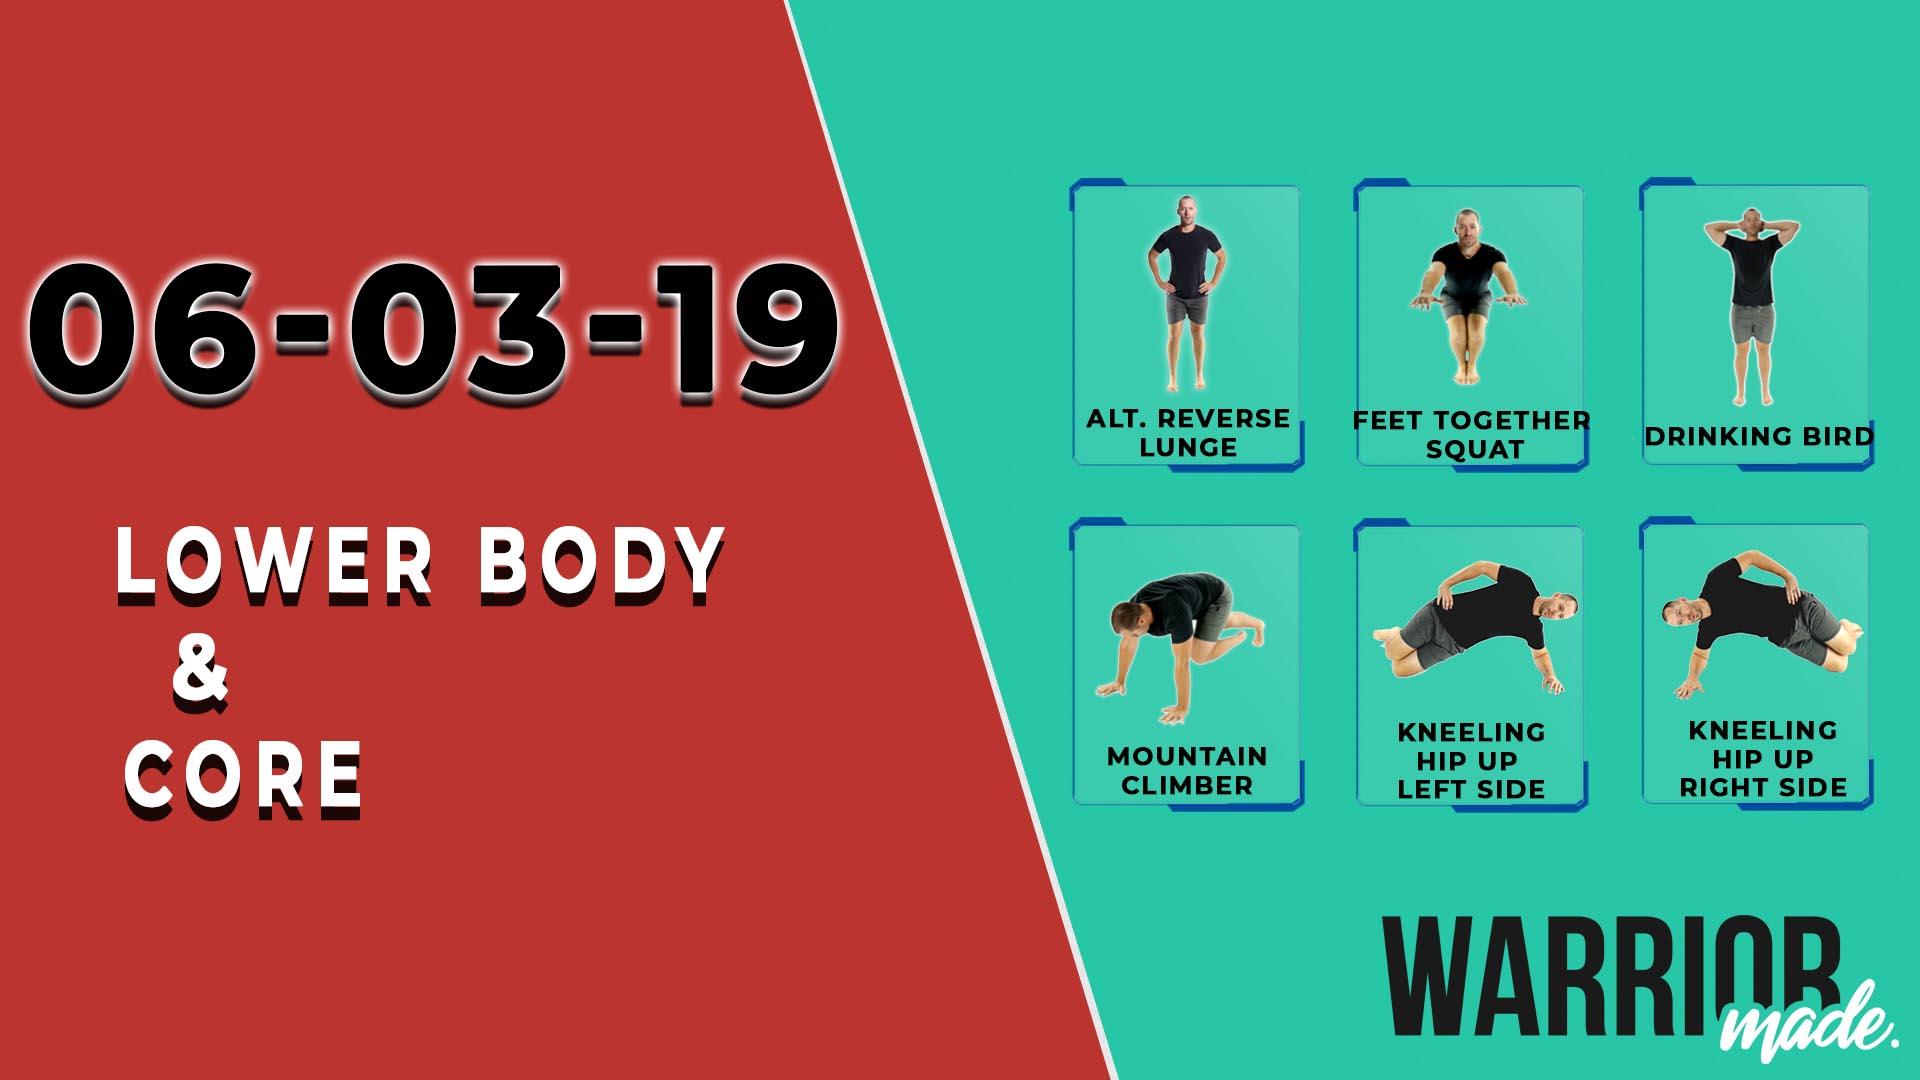 workouts-06-03-19